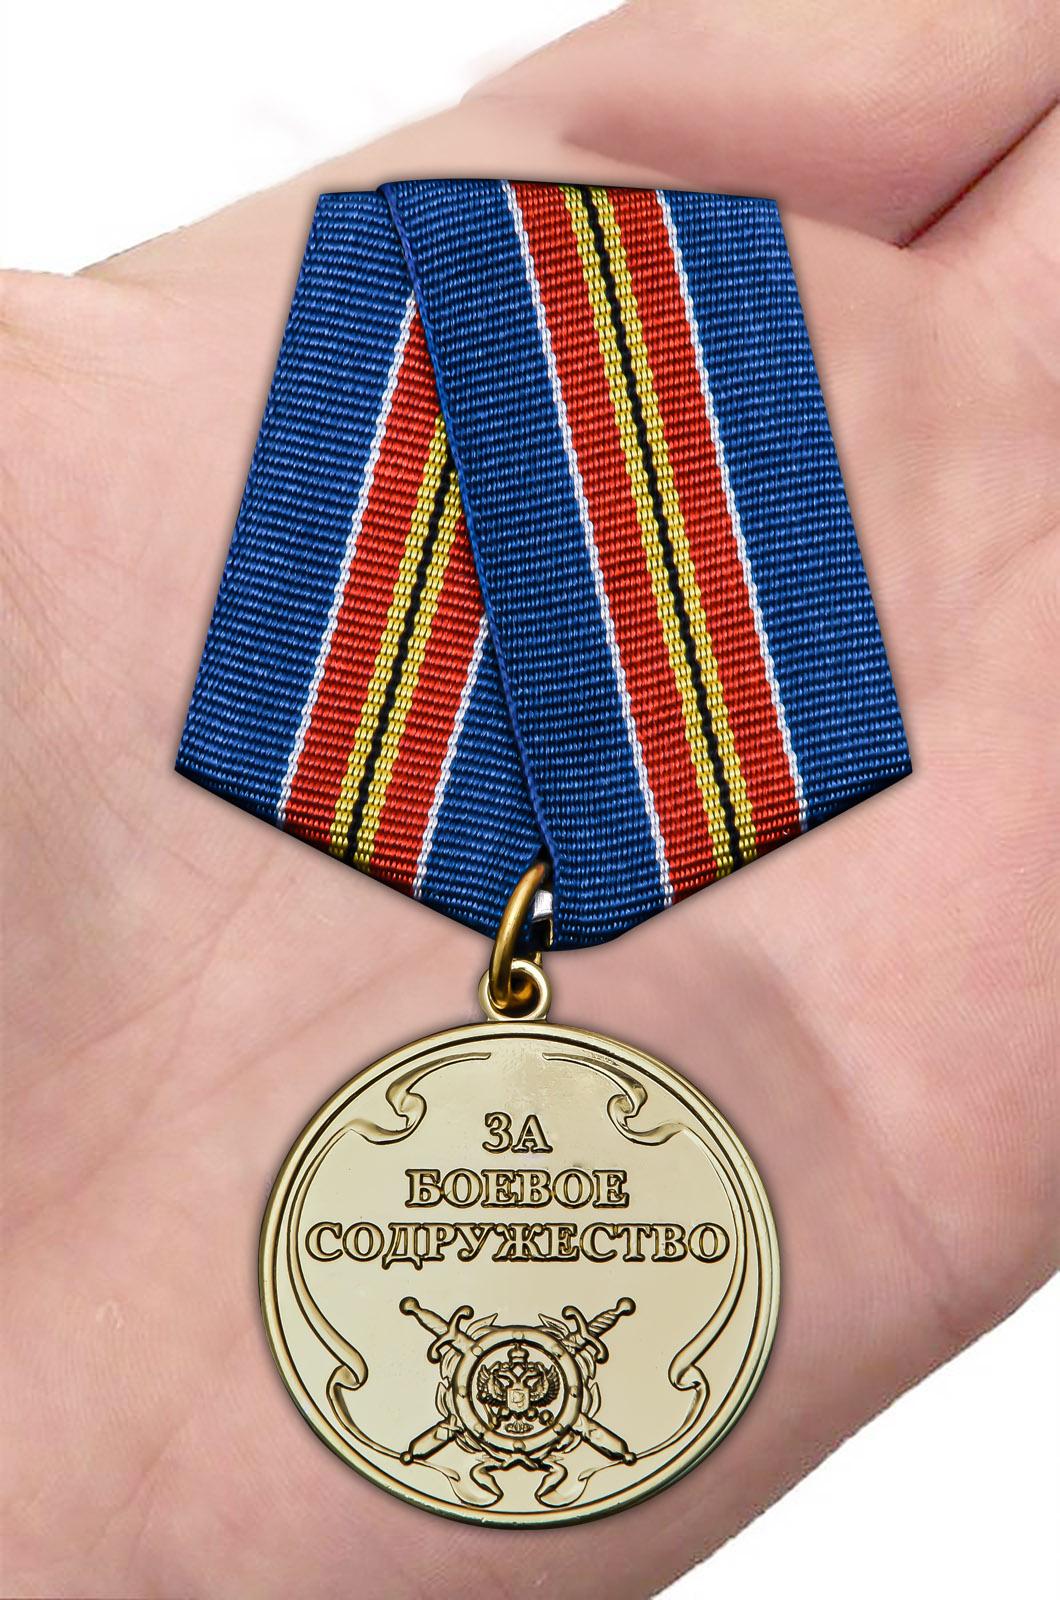 Заказать медаль «За боевое содружество» (МВД)